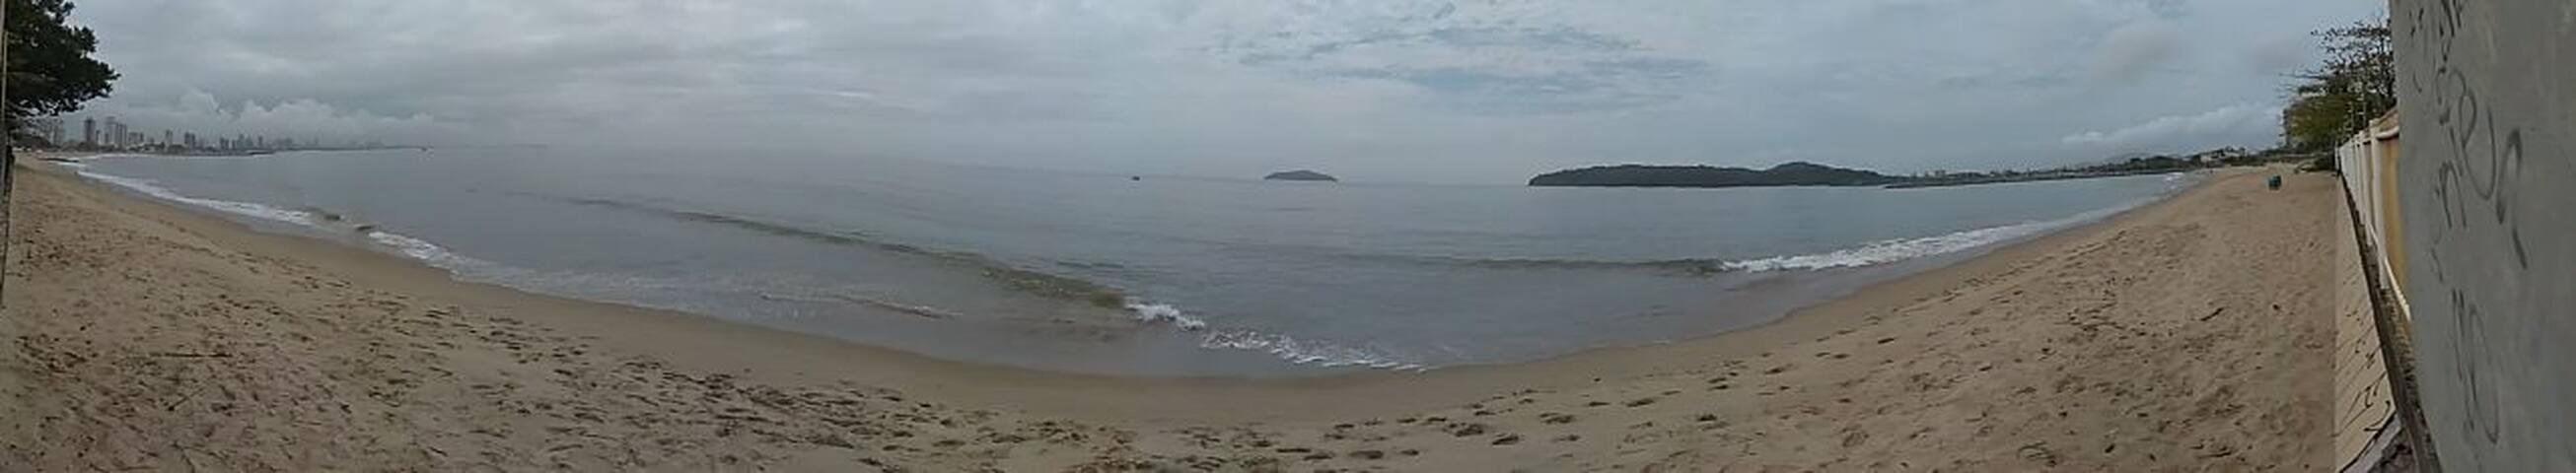 Conforto, mar é o meu quintal, Beto Carrero 8 km,